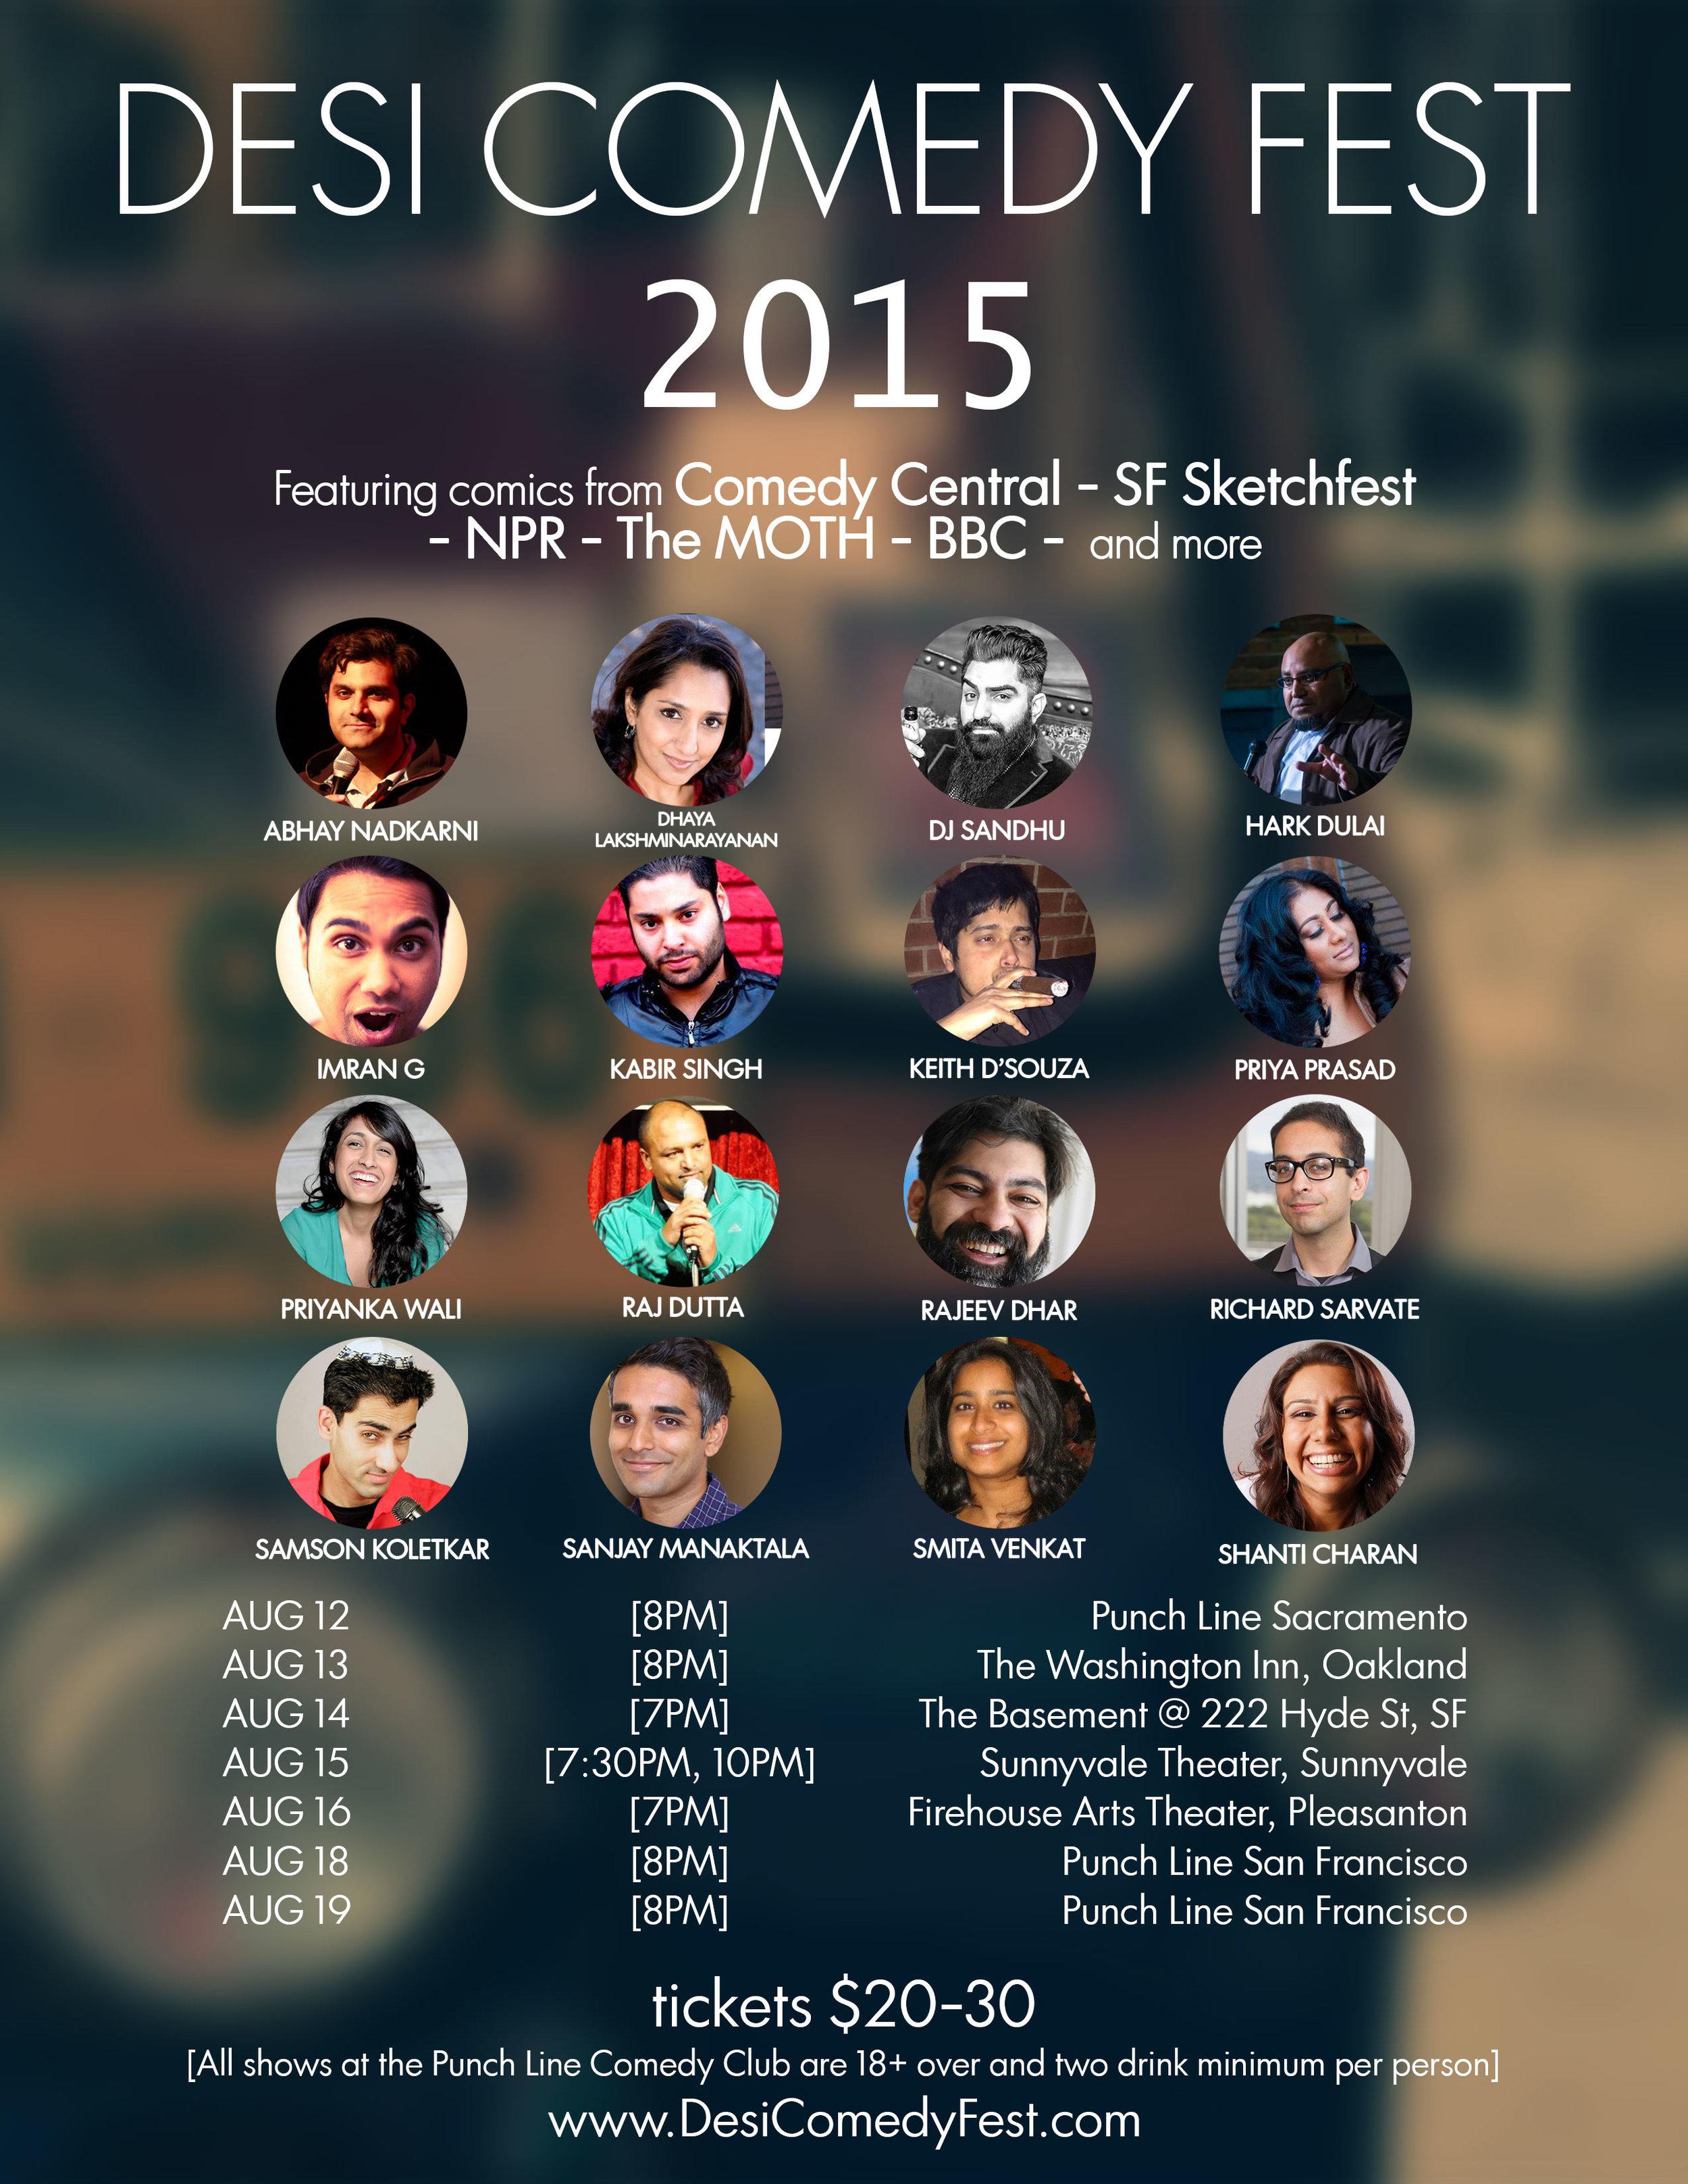 2015 Desi Comedy Fest Poster.jpg